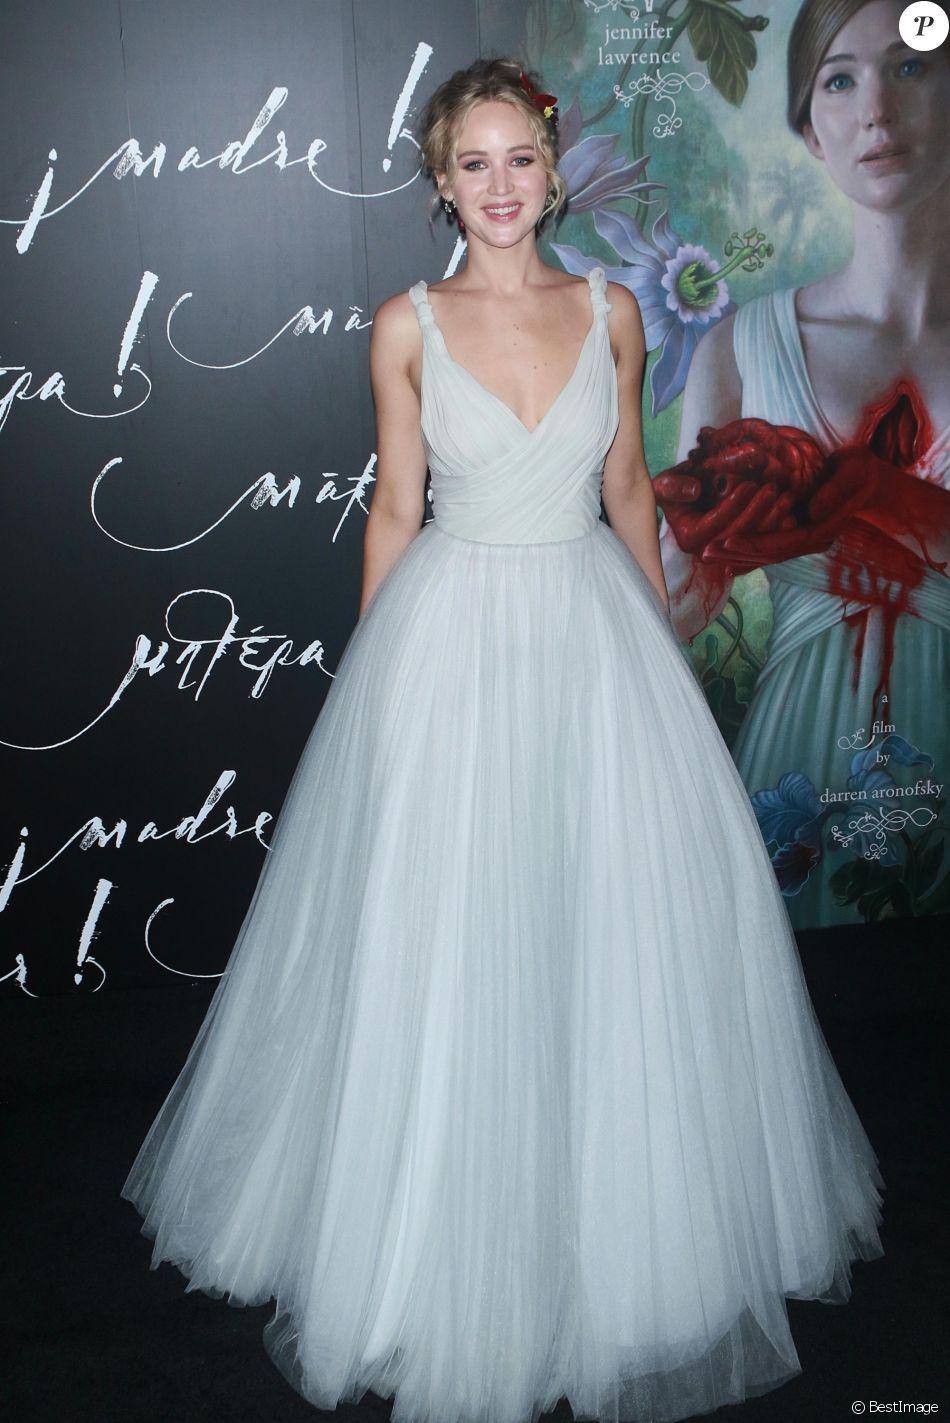 Jennifer Lawrence Princesse en robe blanche au bras de